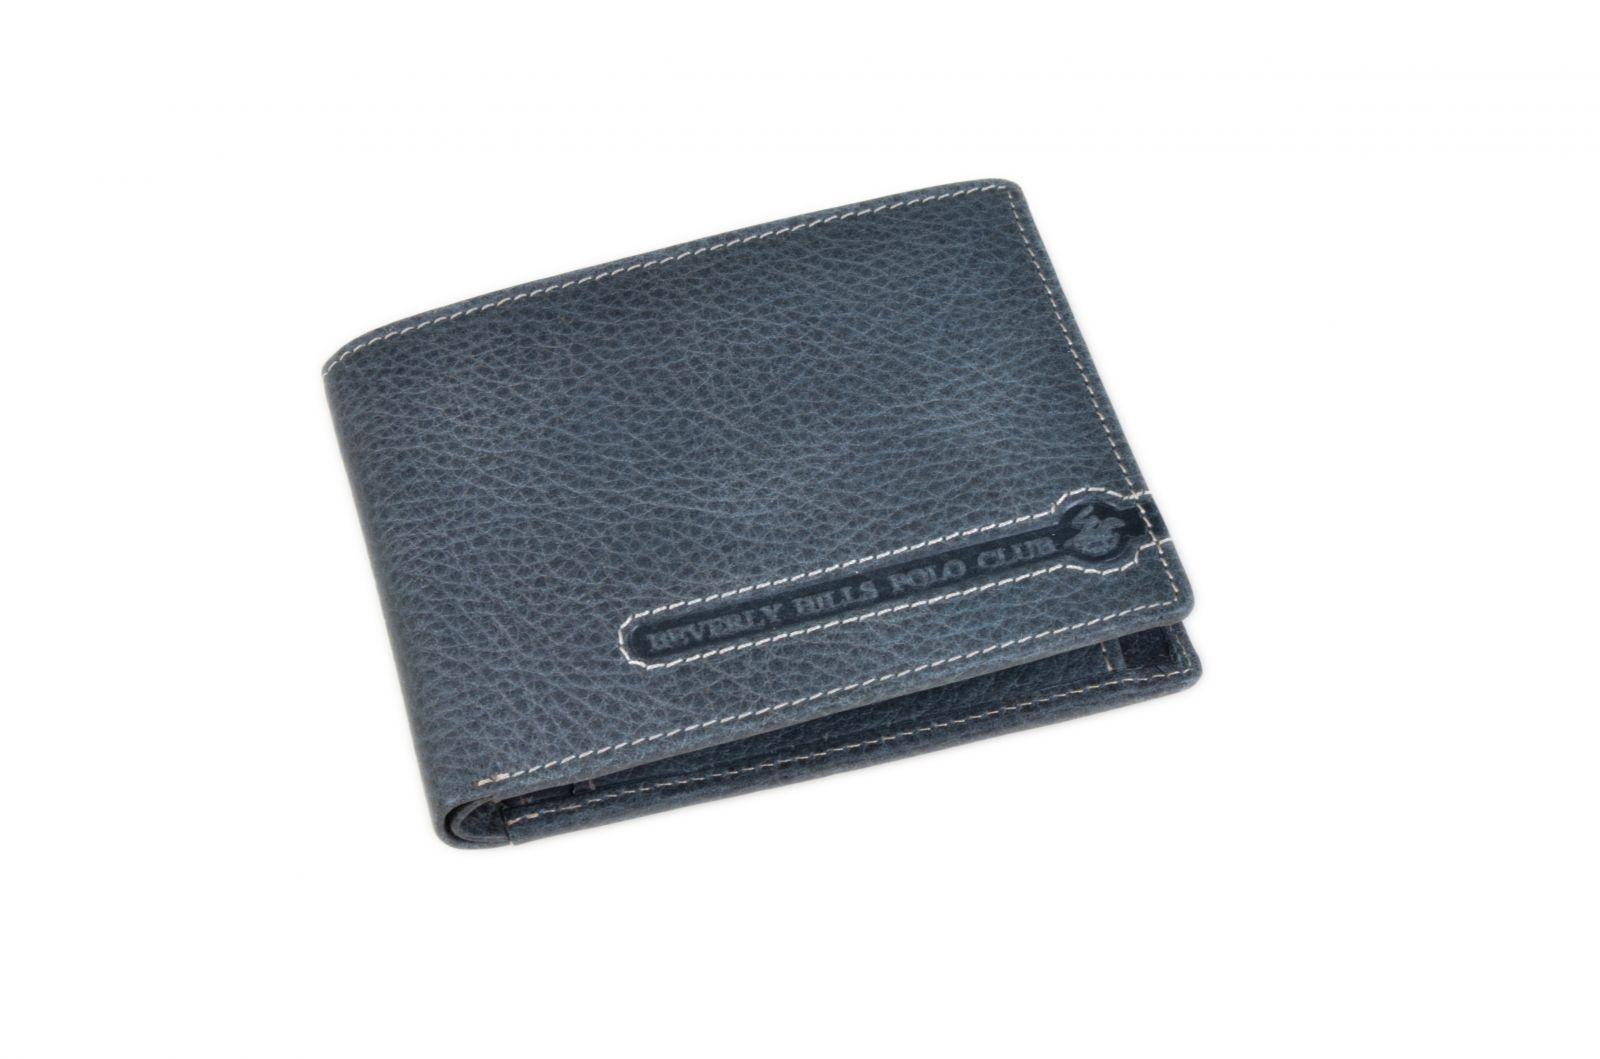 Peněženka pánská BHPC Tucson BH-392-05 modrá v krabičce